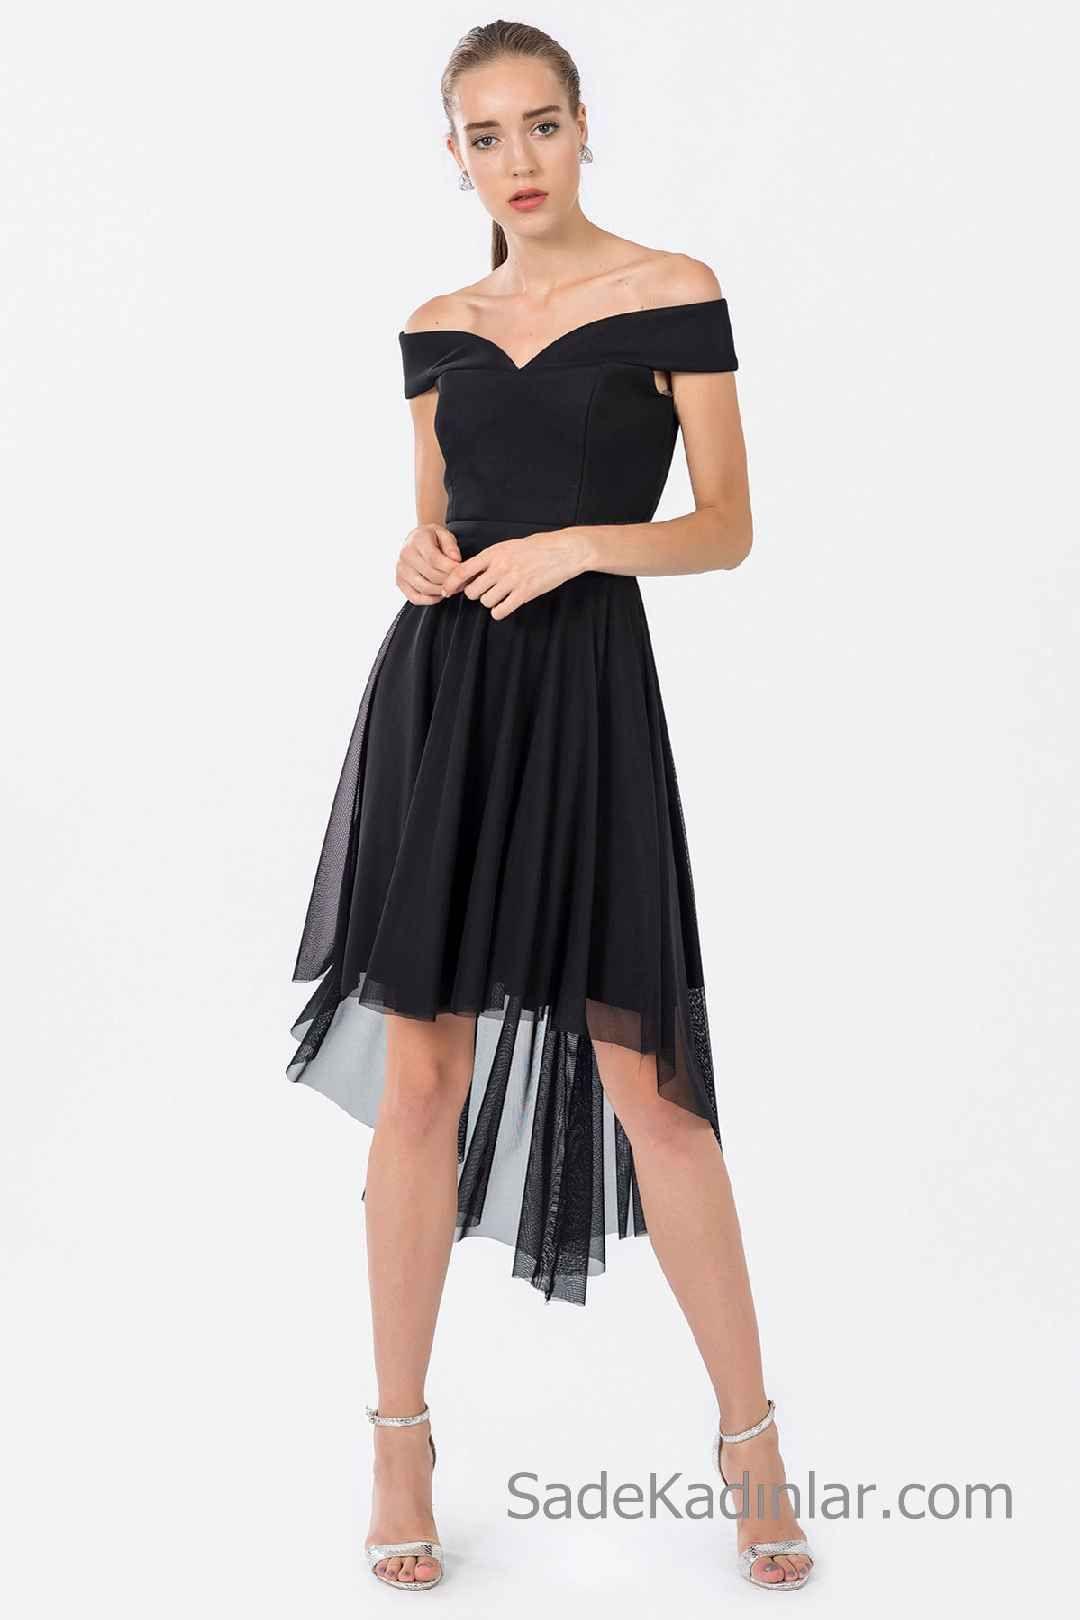 9da422a54adb4 Siyah Kısa Elbise Modelleri Geniş V Yakalı Ön Kısa Arkası Uzun Tül Etekli